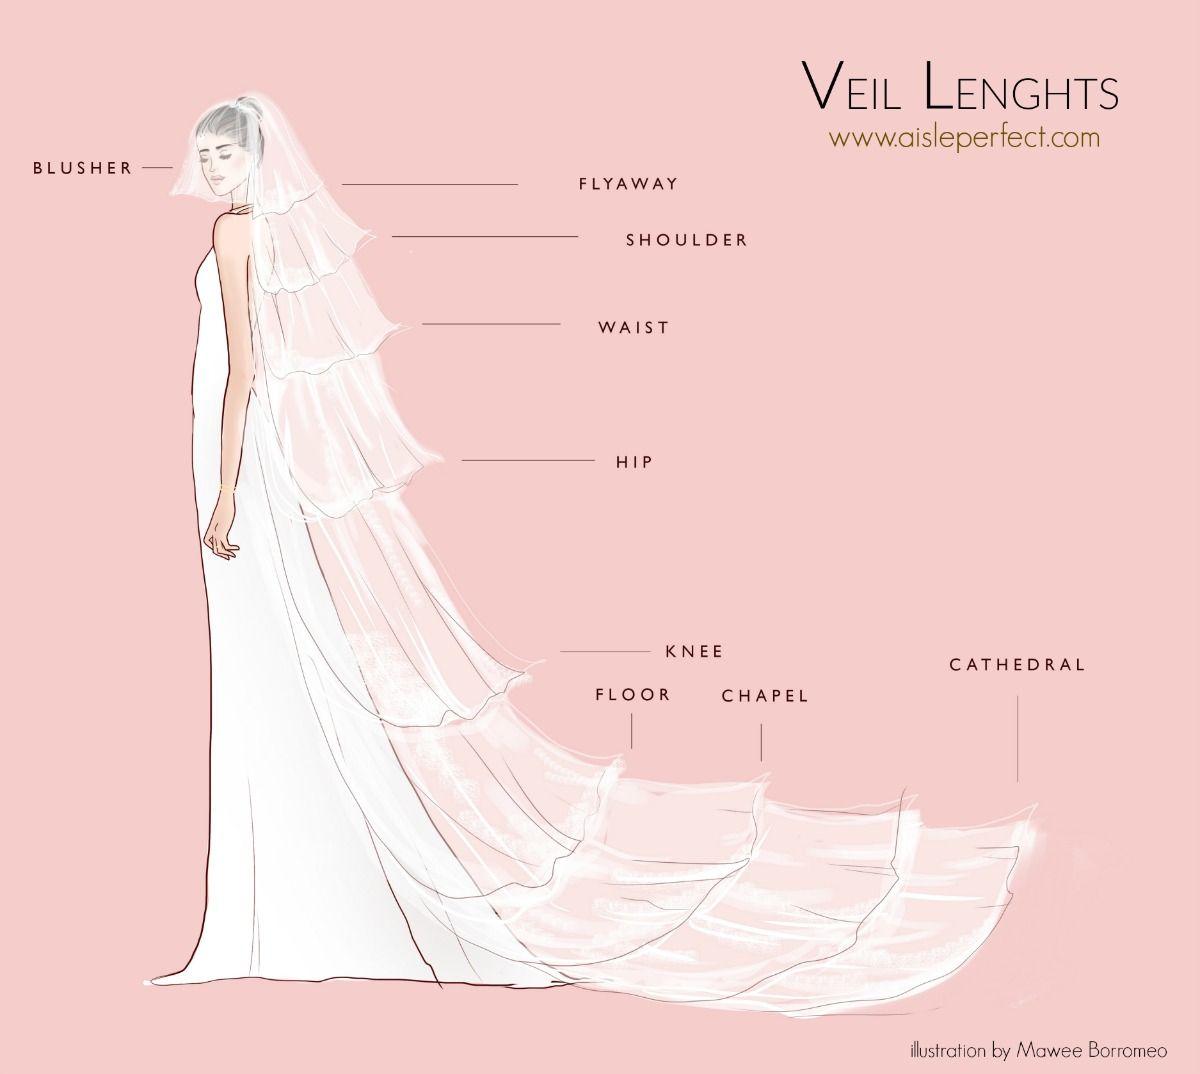 Wedding Veil Lengths